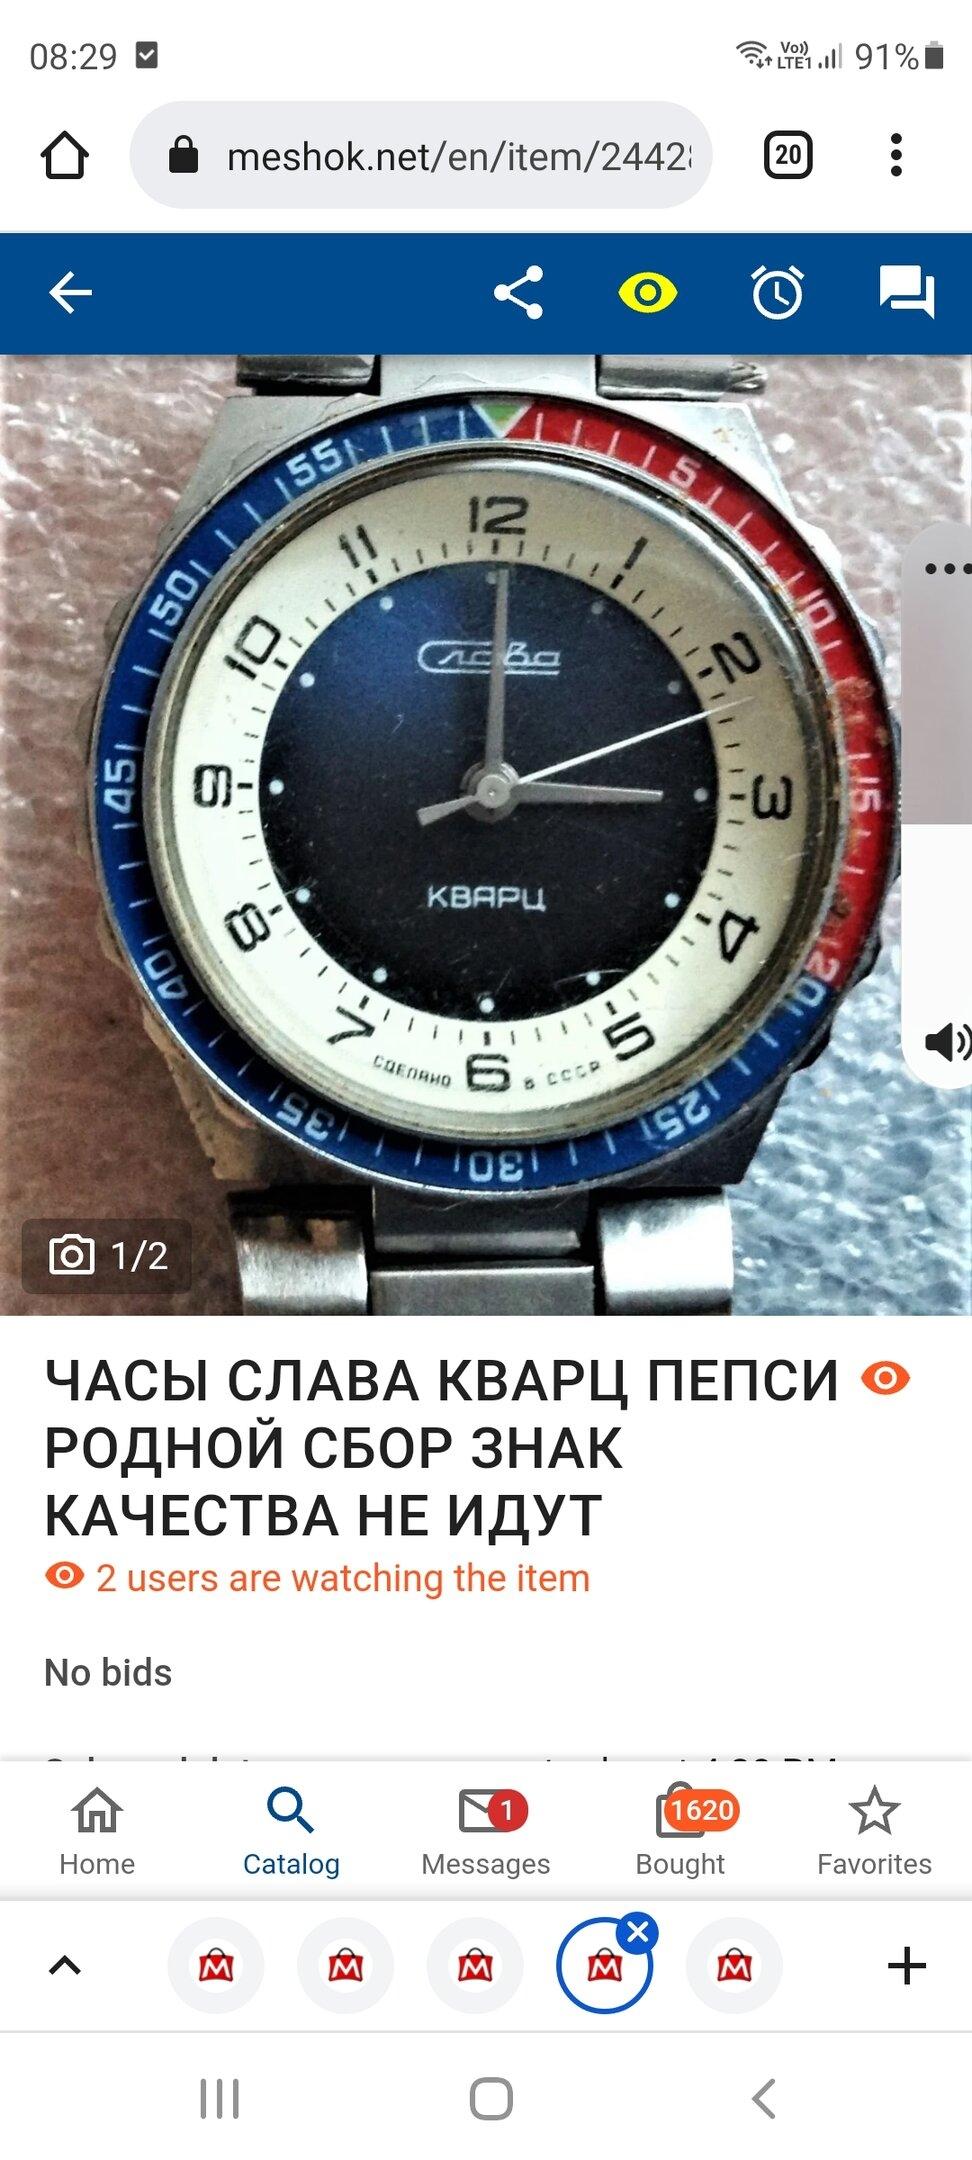 Screenshot_20211015-082958_Chrome.jpg